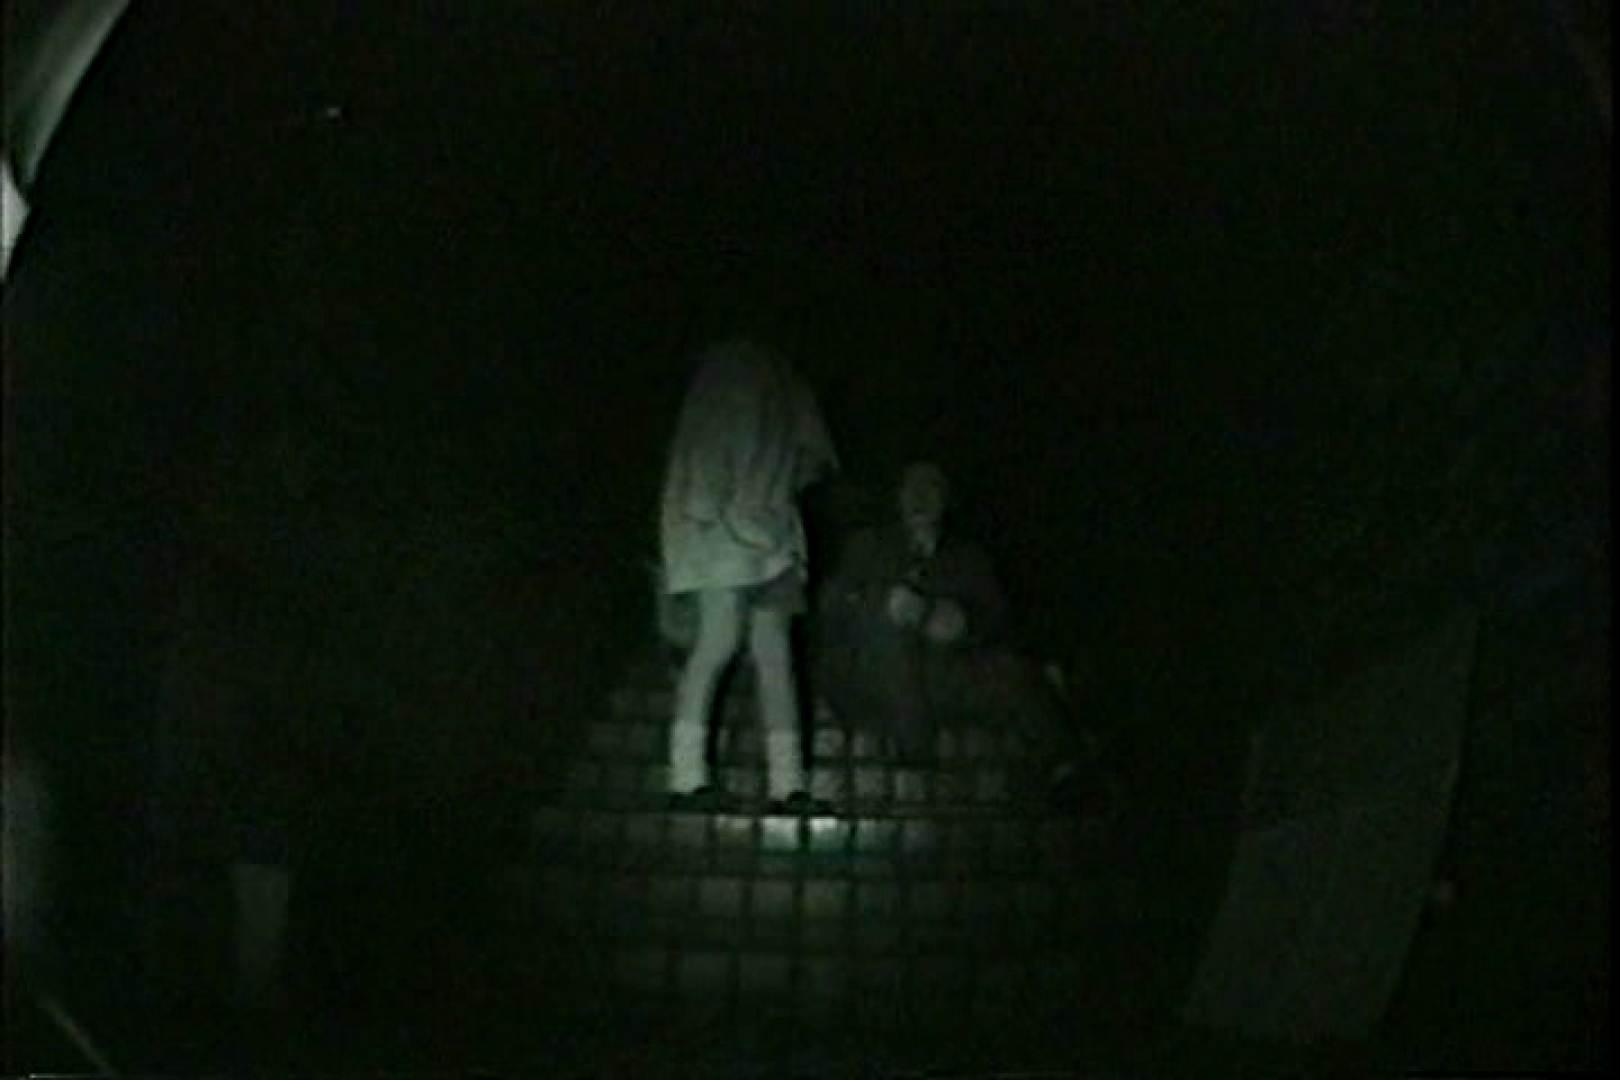 闇の仕掛け人 無修正版 Vol.17 制服エロ画像 のぞき動画画像 20PICs 19